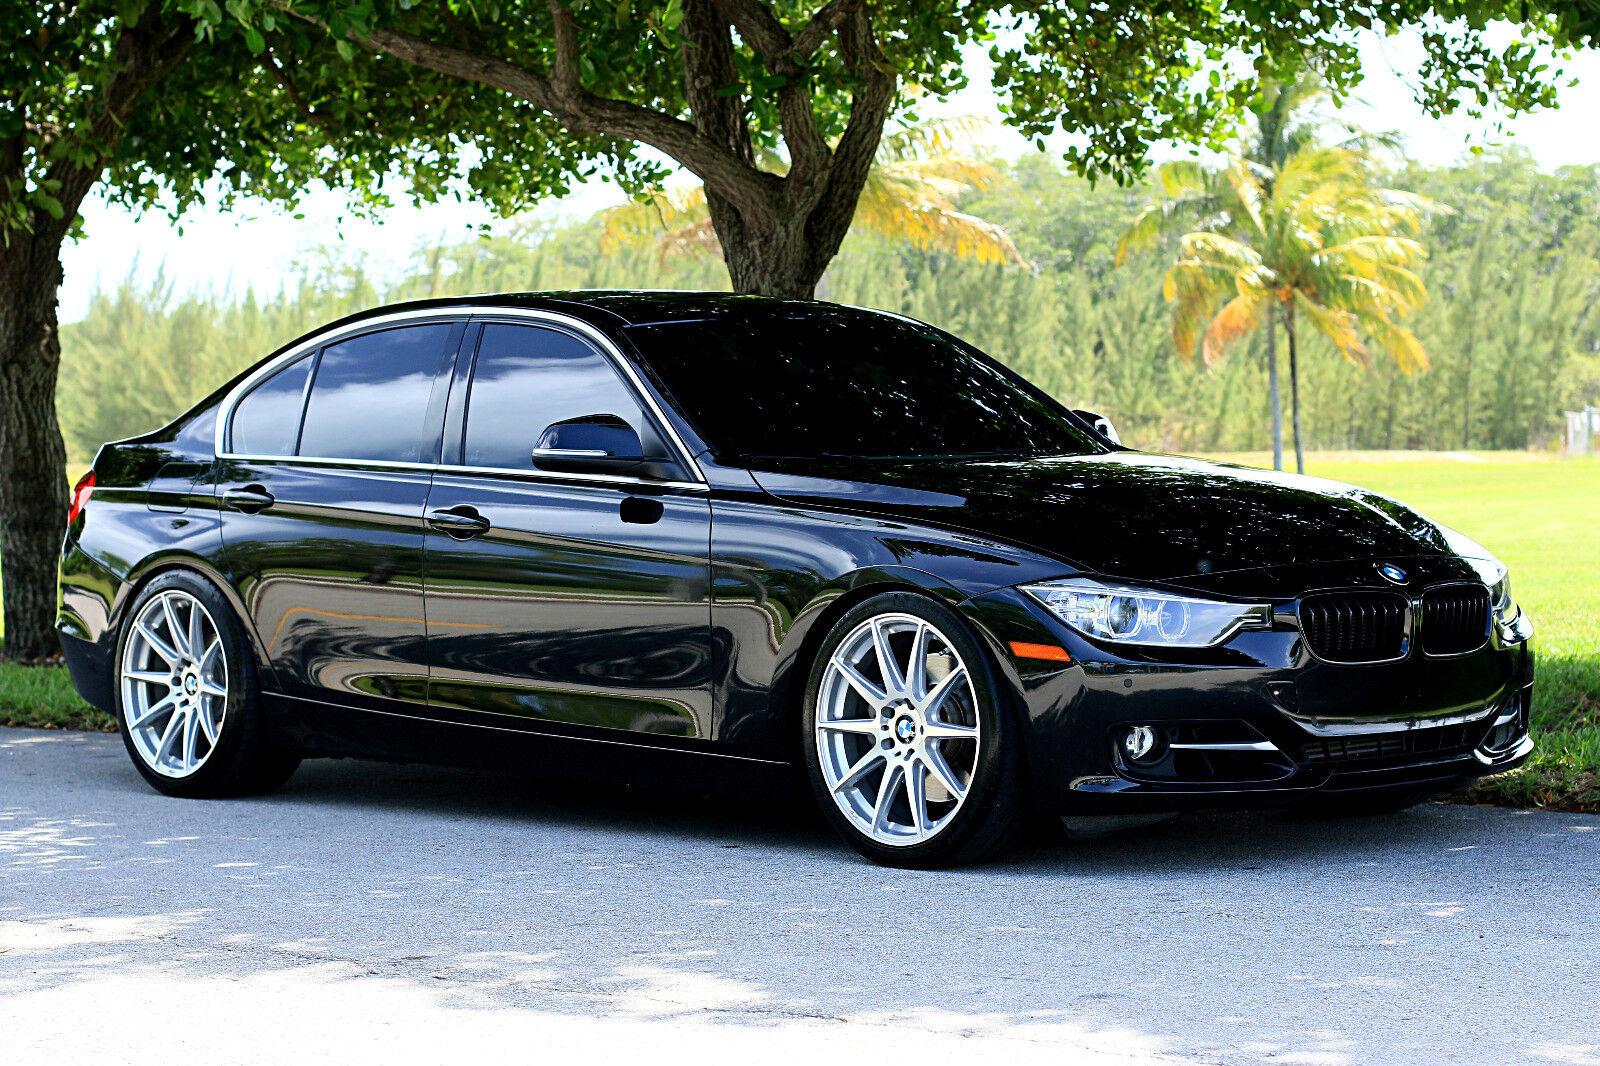 2015 BMW 335i 328i 2012 2014 audi s4 mercedes C350 M-Sport 435i M 3 SERIES